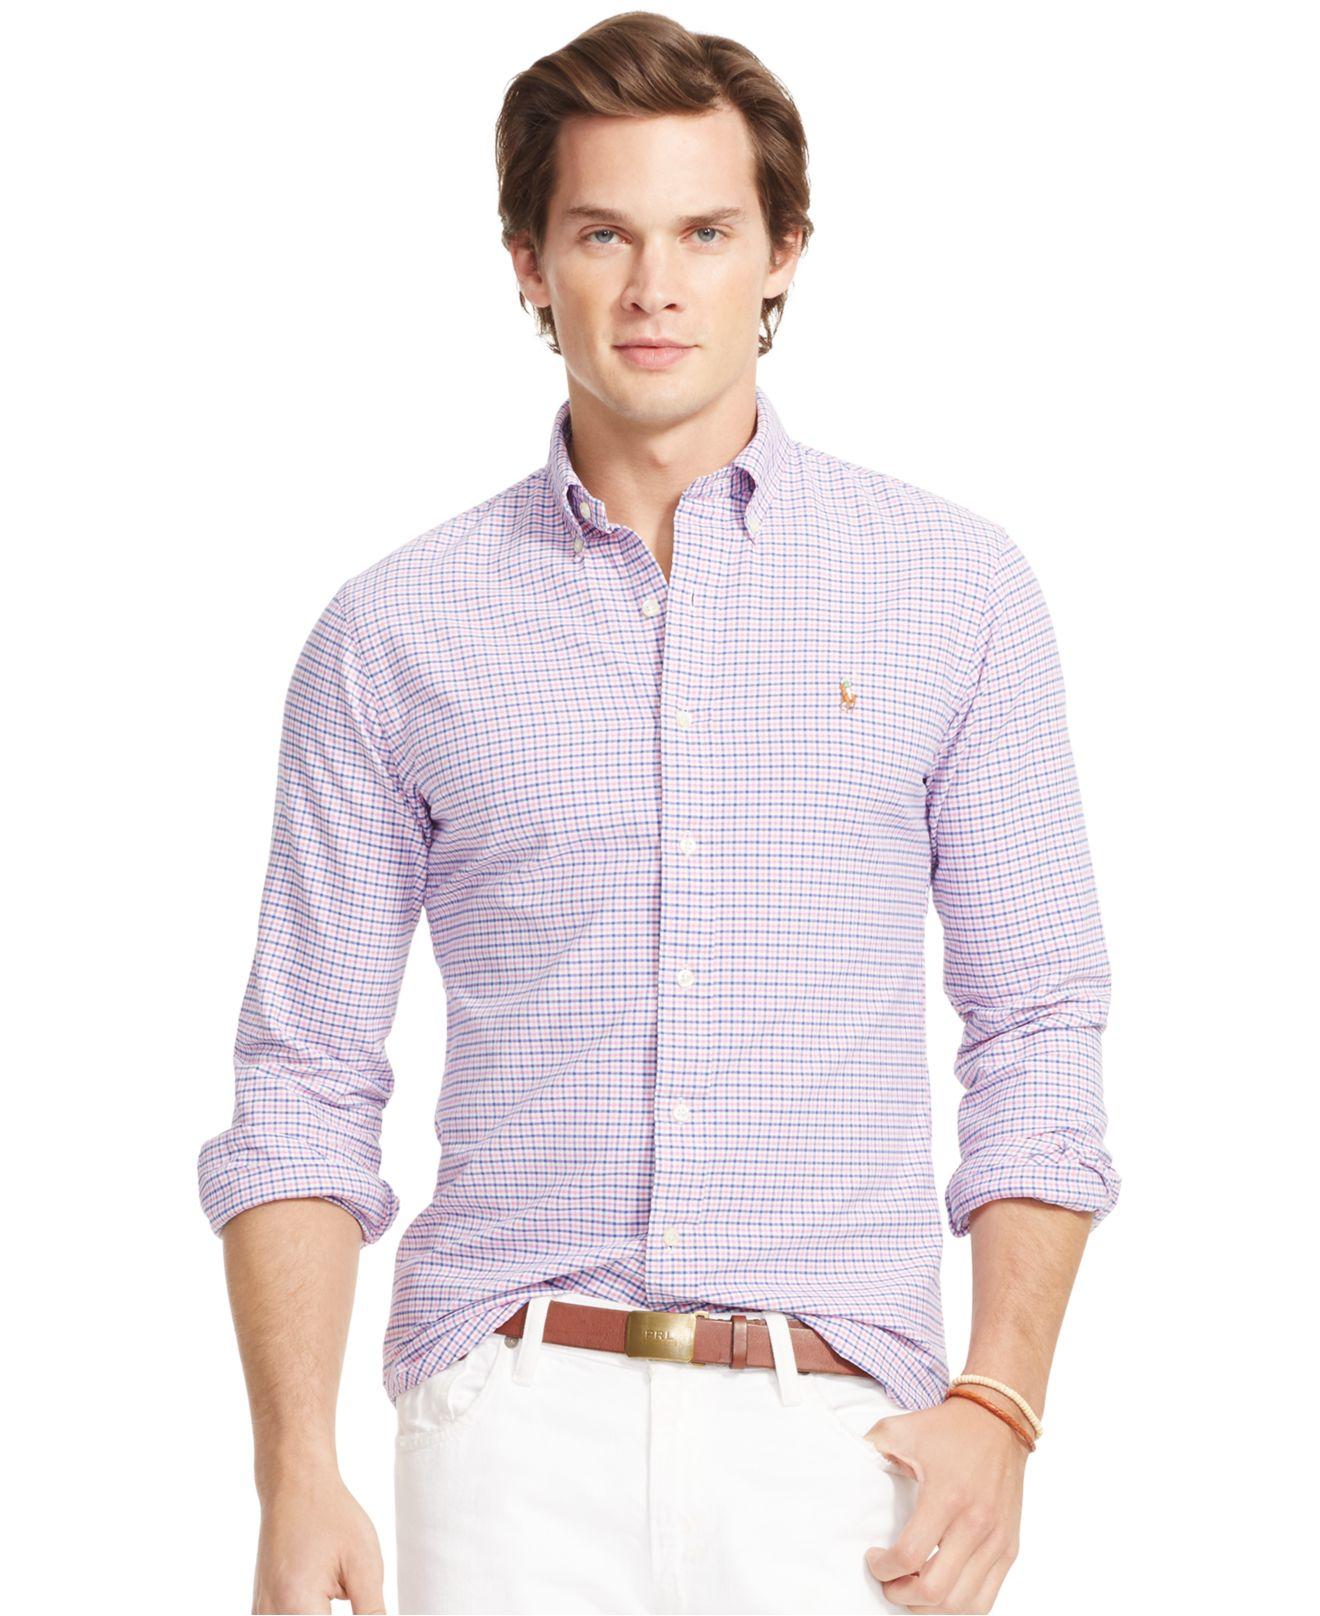 ec3ed03c Polo Ralph Lauren Men's Men's Long Sleeve Multi-gingham Oxford Shirt ...